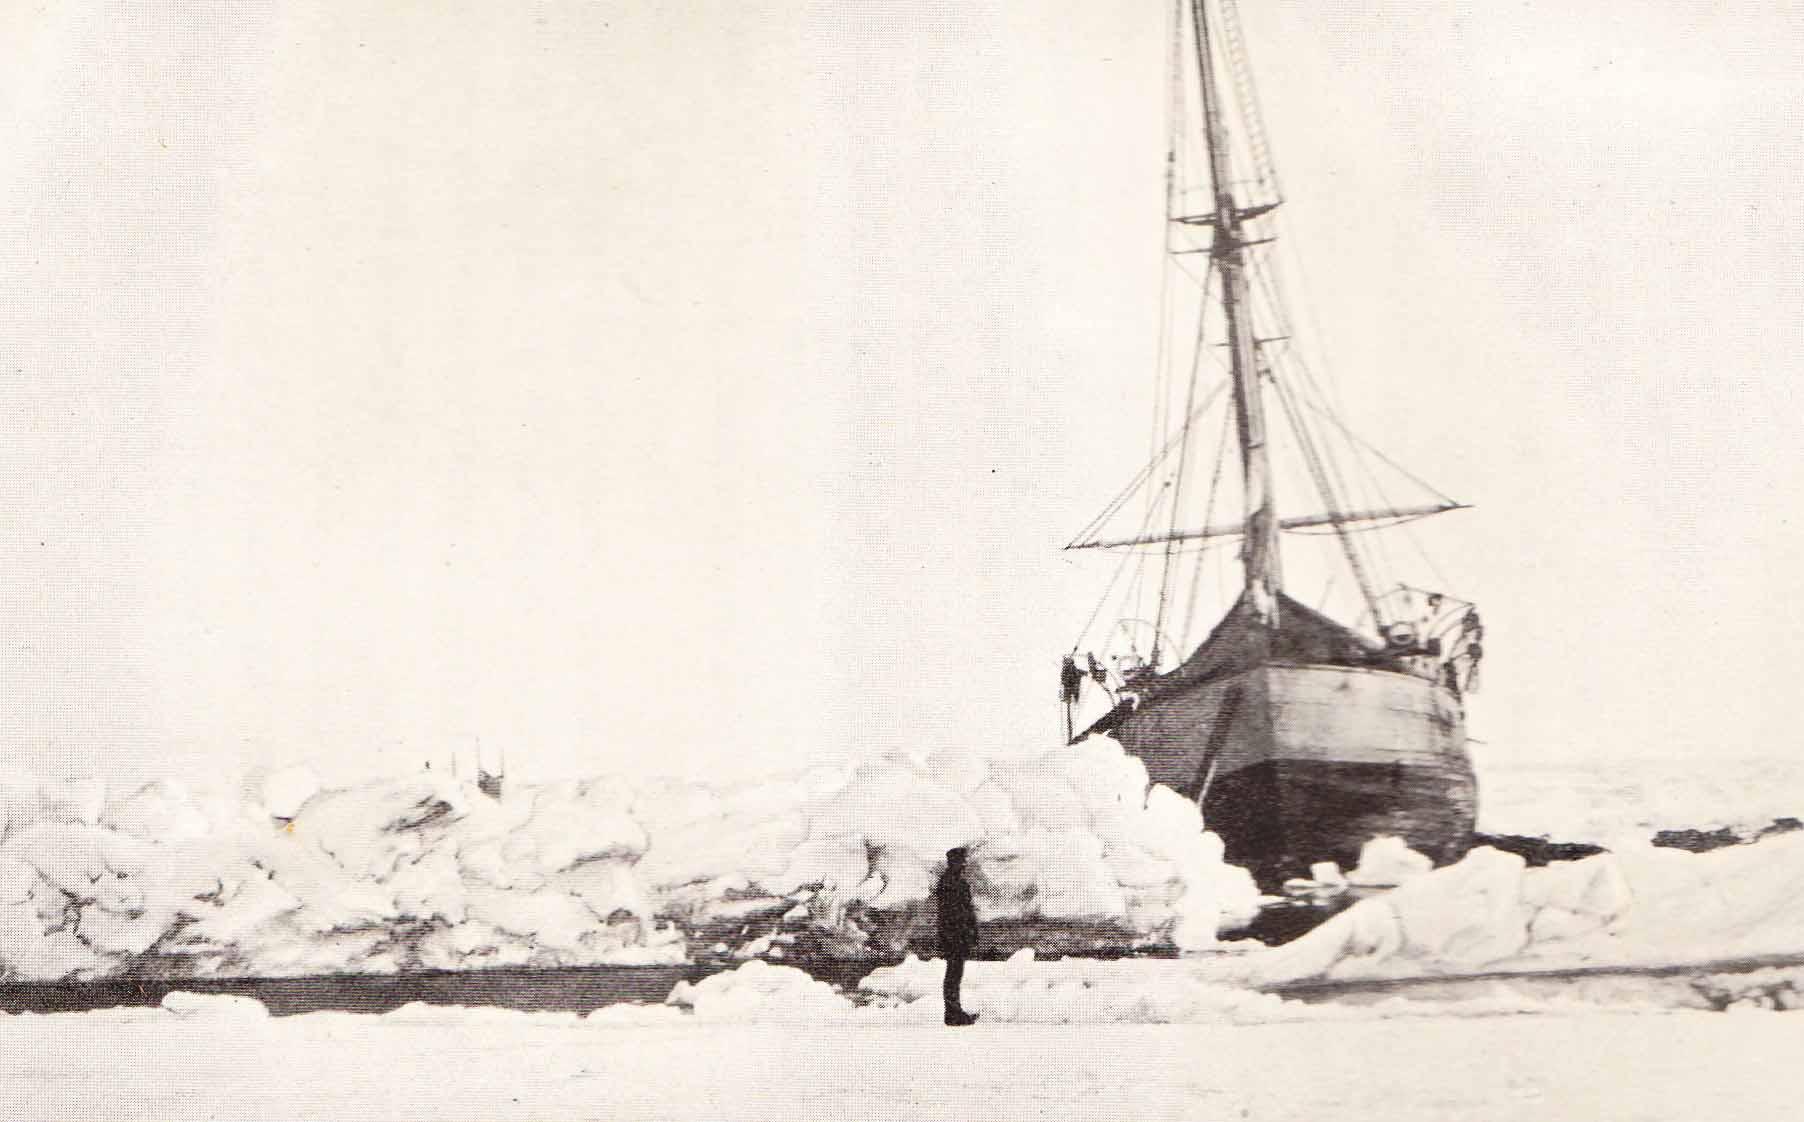 Fridtjof Nansen's ship Fram